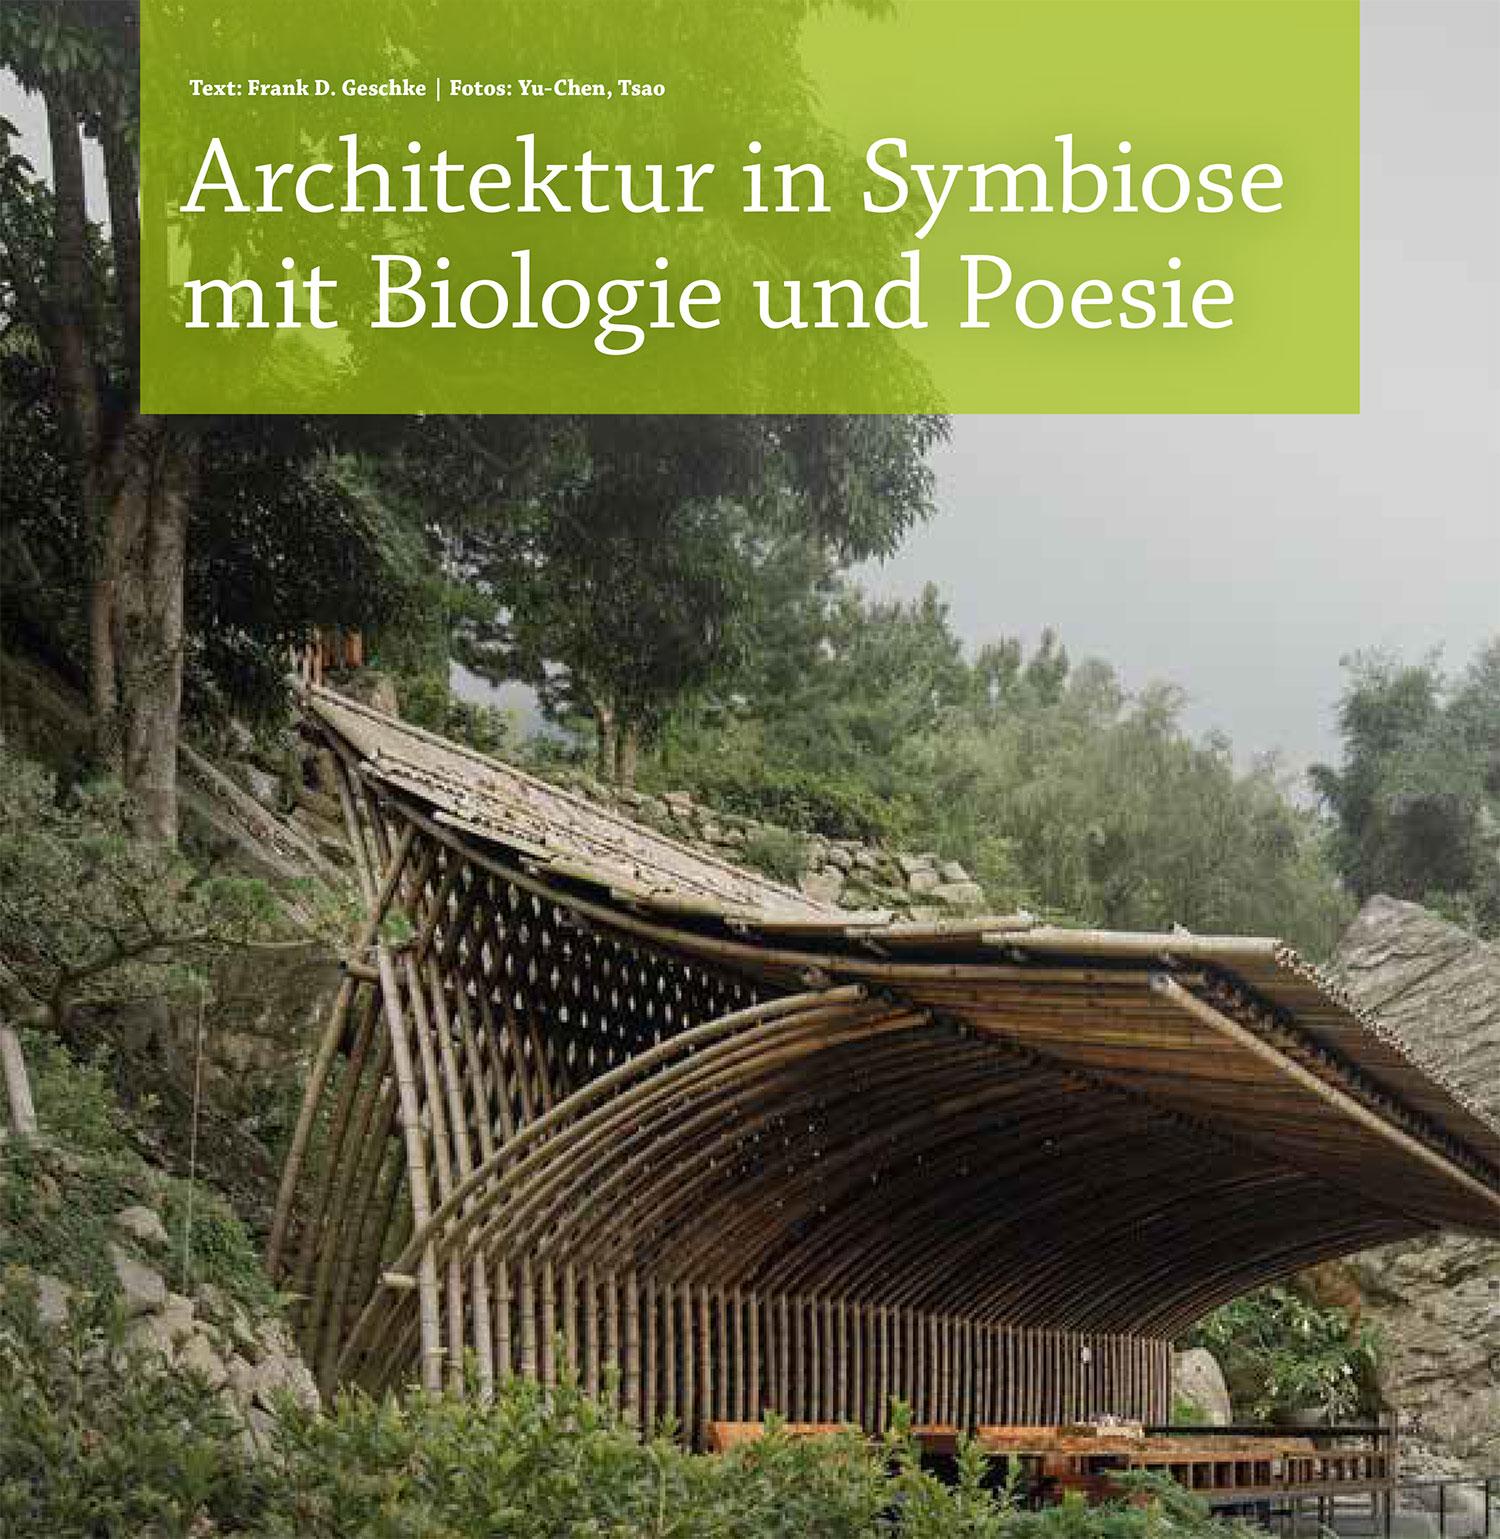 Architektur_als_Symbiose-1.jpg